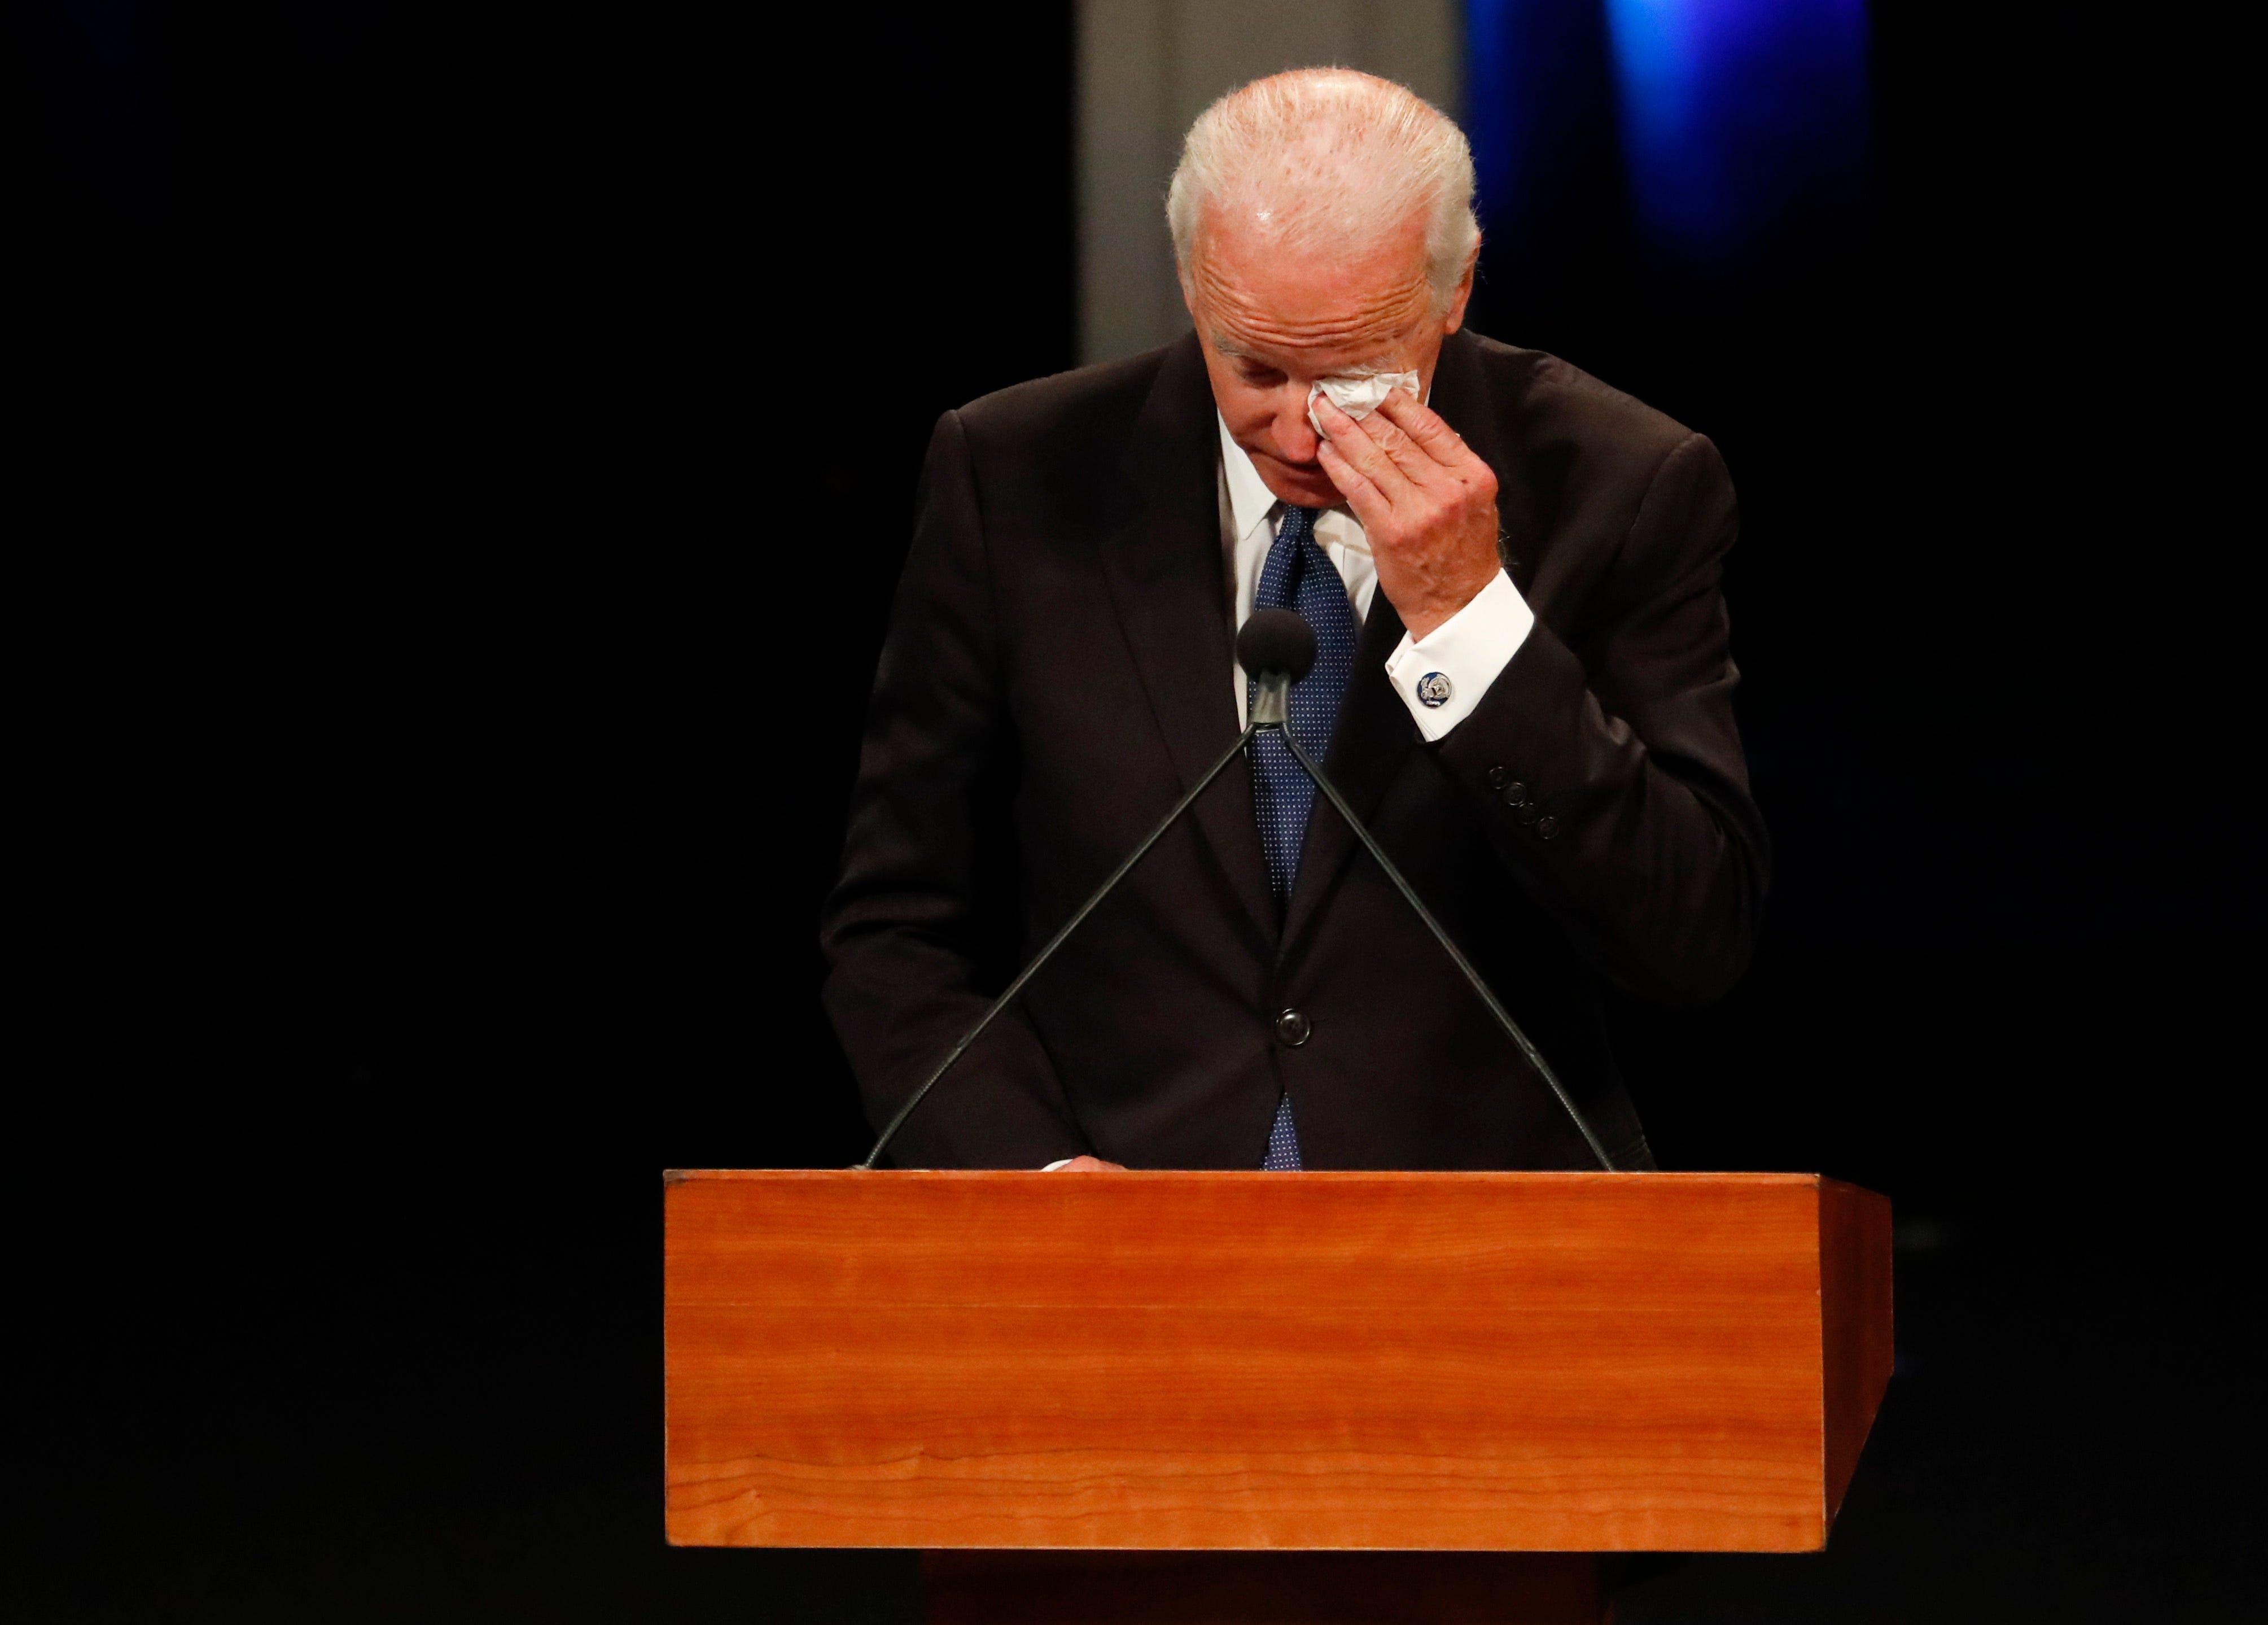 Joe Biden at John McCain memorial: 'John's code was ageless'